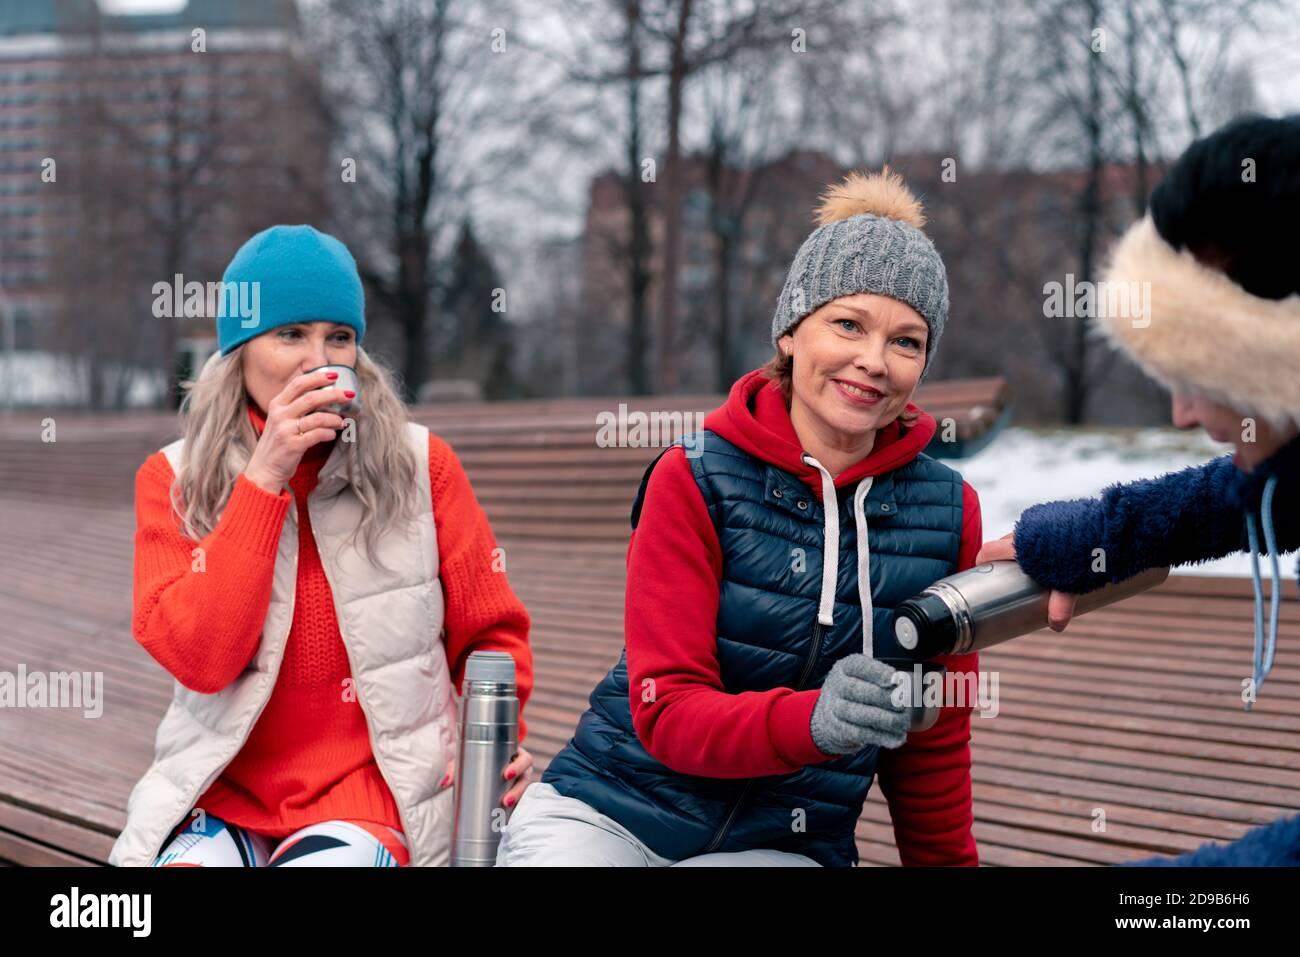 Une femme mûre verse du thé chaud de Thermos à son ami après un entraînement de fitness actif dans le parc. Style de vie actif et joyeux des personnes d'âge moyen. Banque D'Images